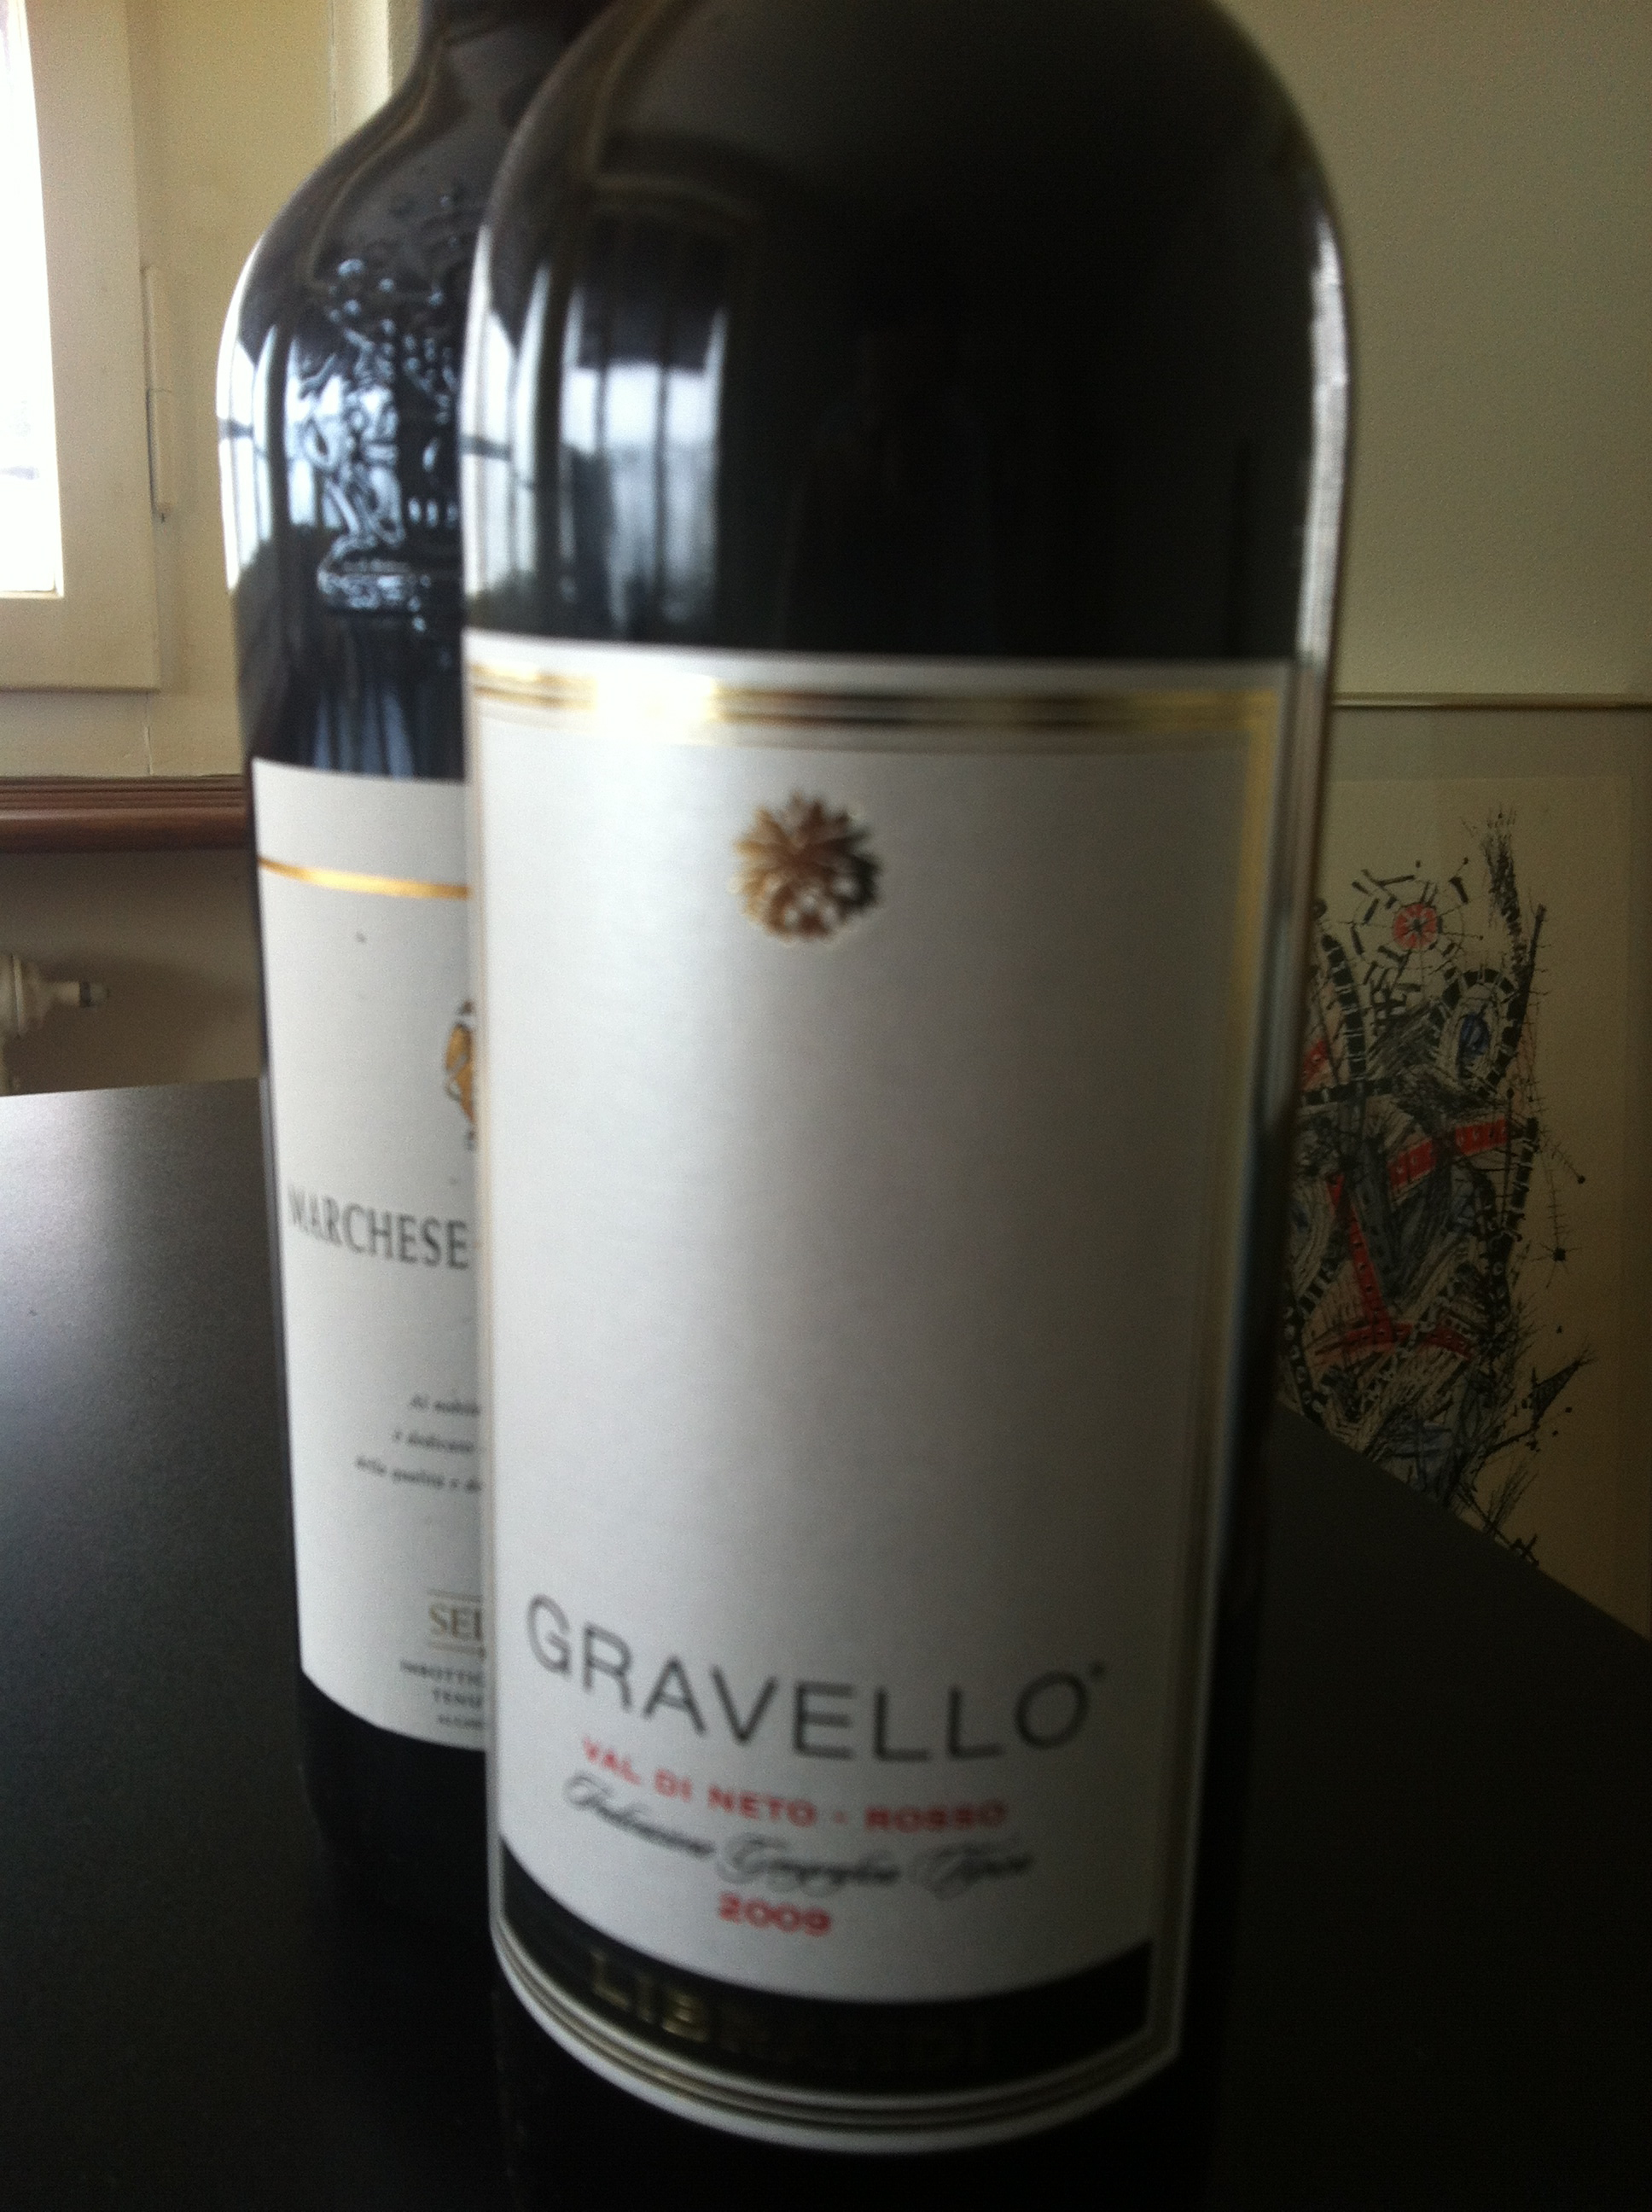 gravello-librandi-vino-calabria